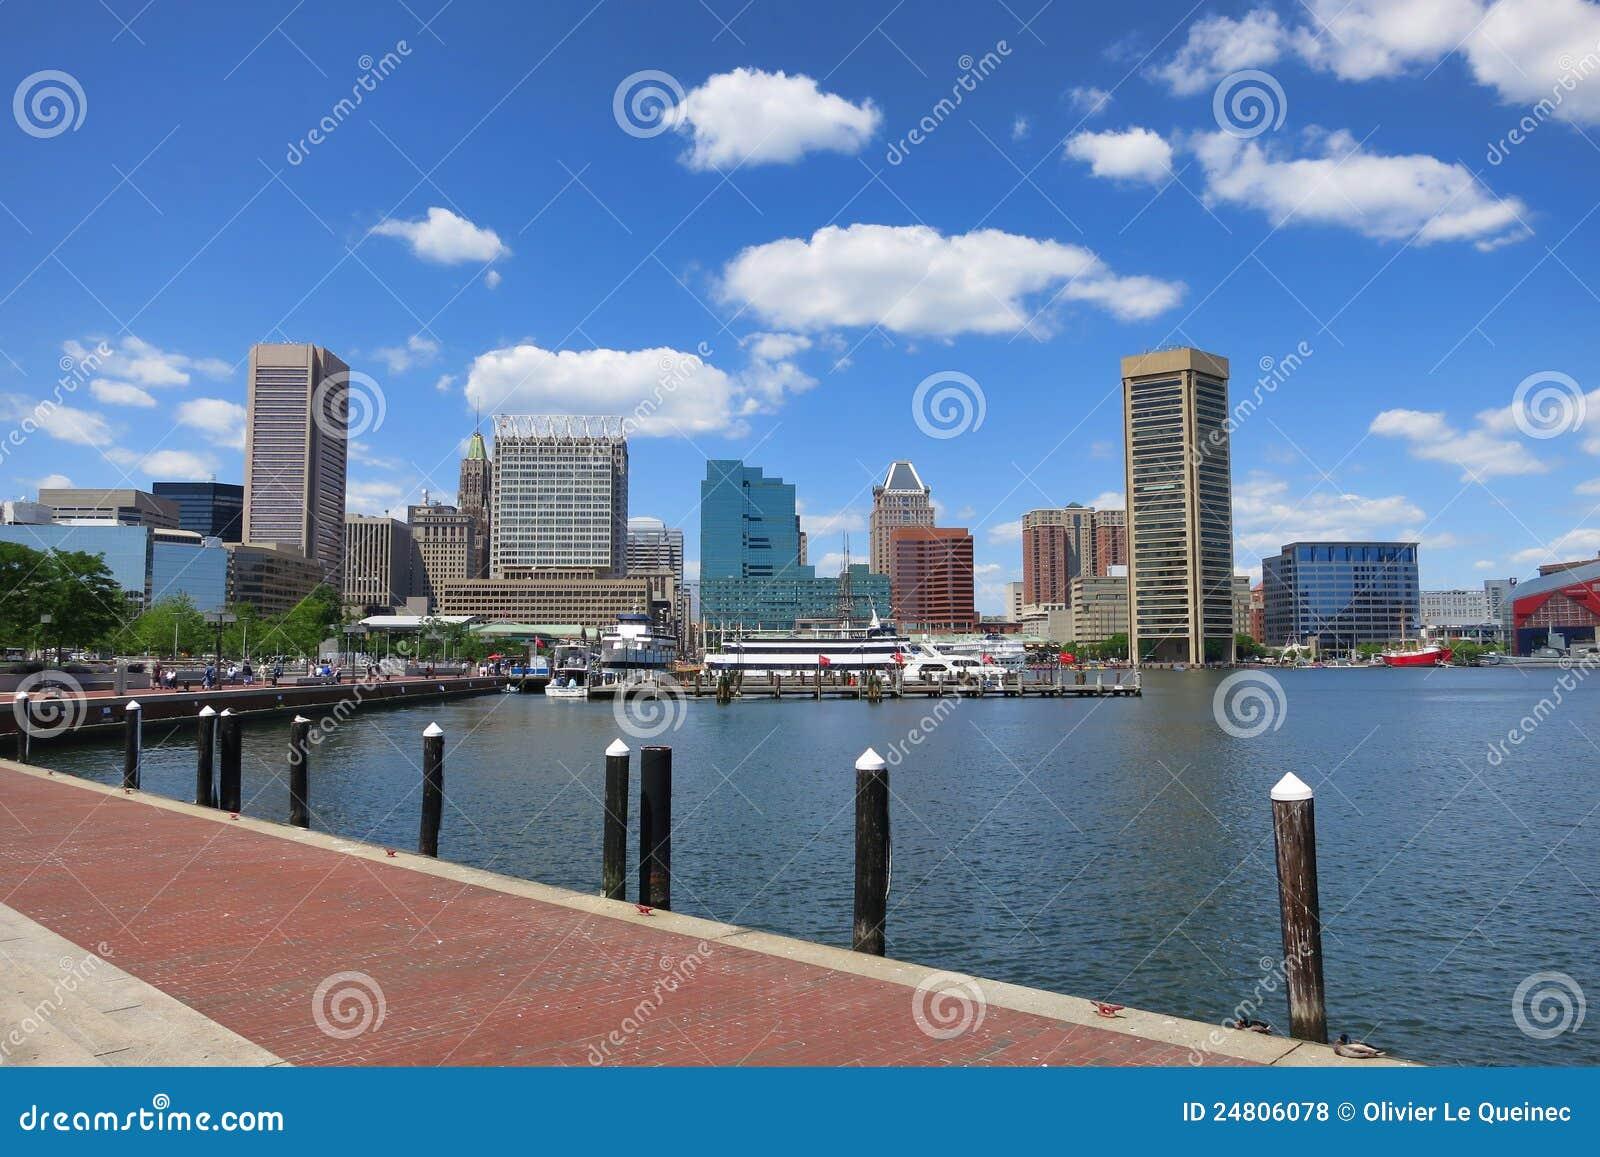 Skyline da baixa do porto interno de Baltimore Maryland